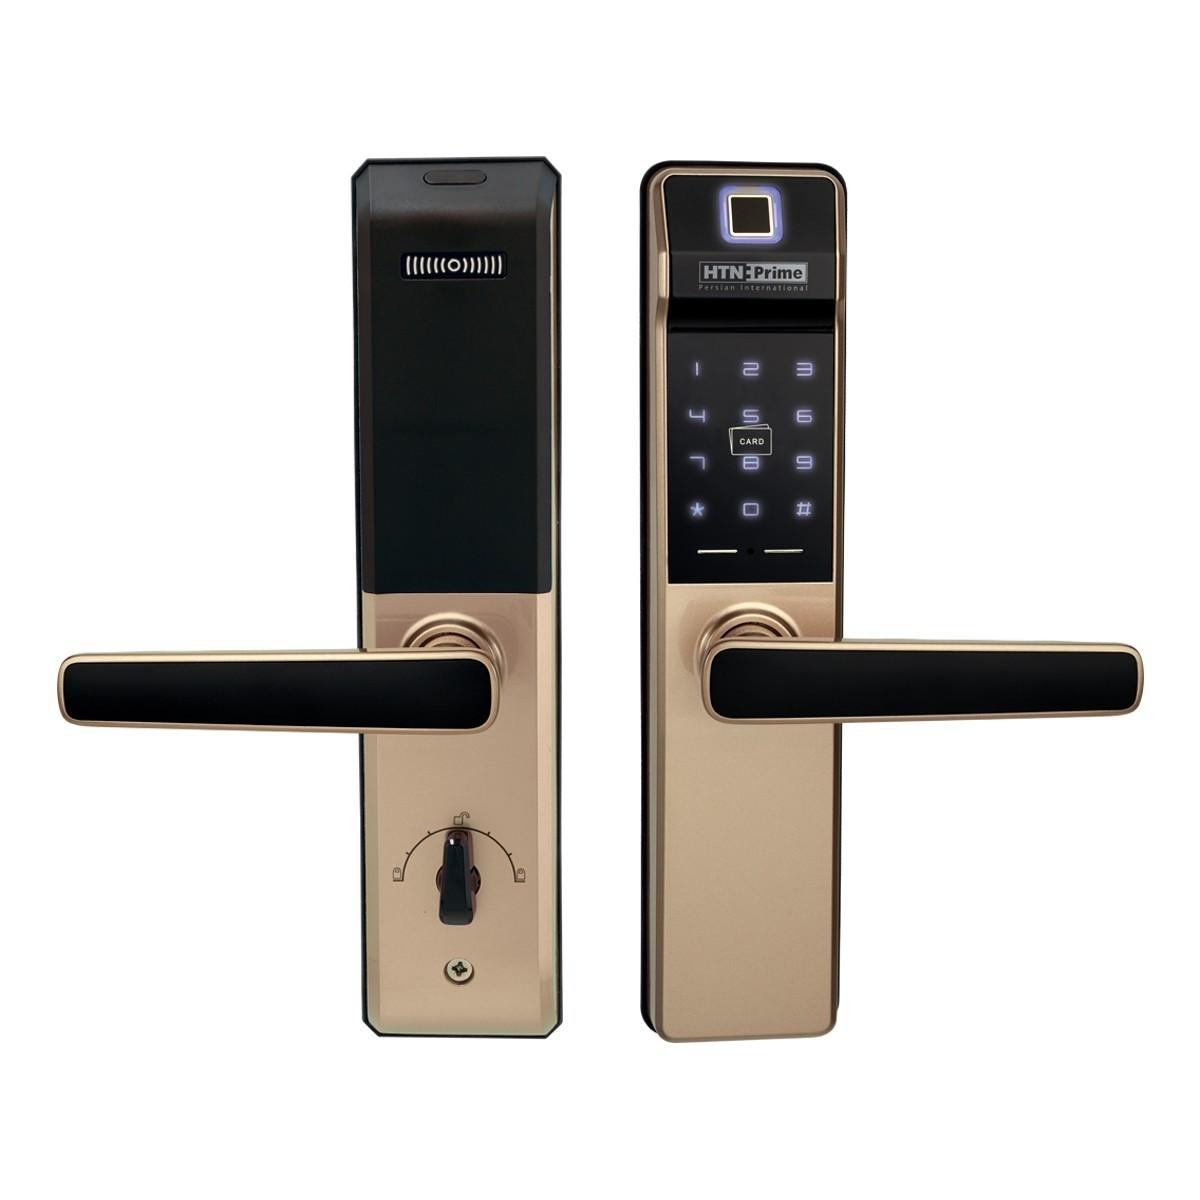 قفل الکترونیکی  مدل 344FG